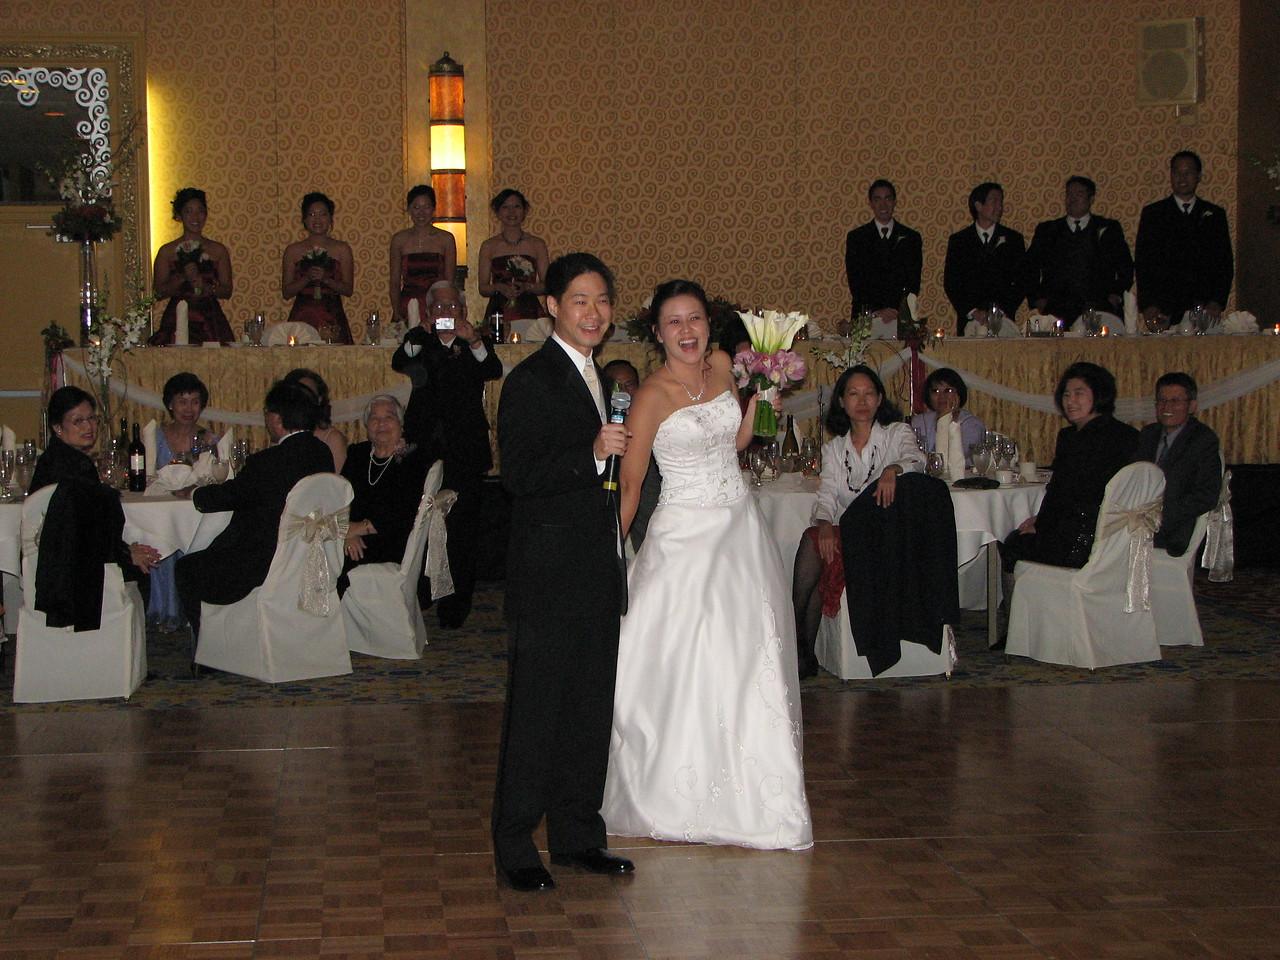 2006 10 08 Sun - Reception - Enter Mr  & Mrs  Joe & Joanna Sun 2